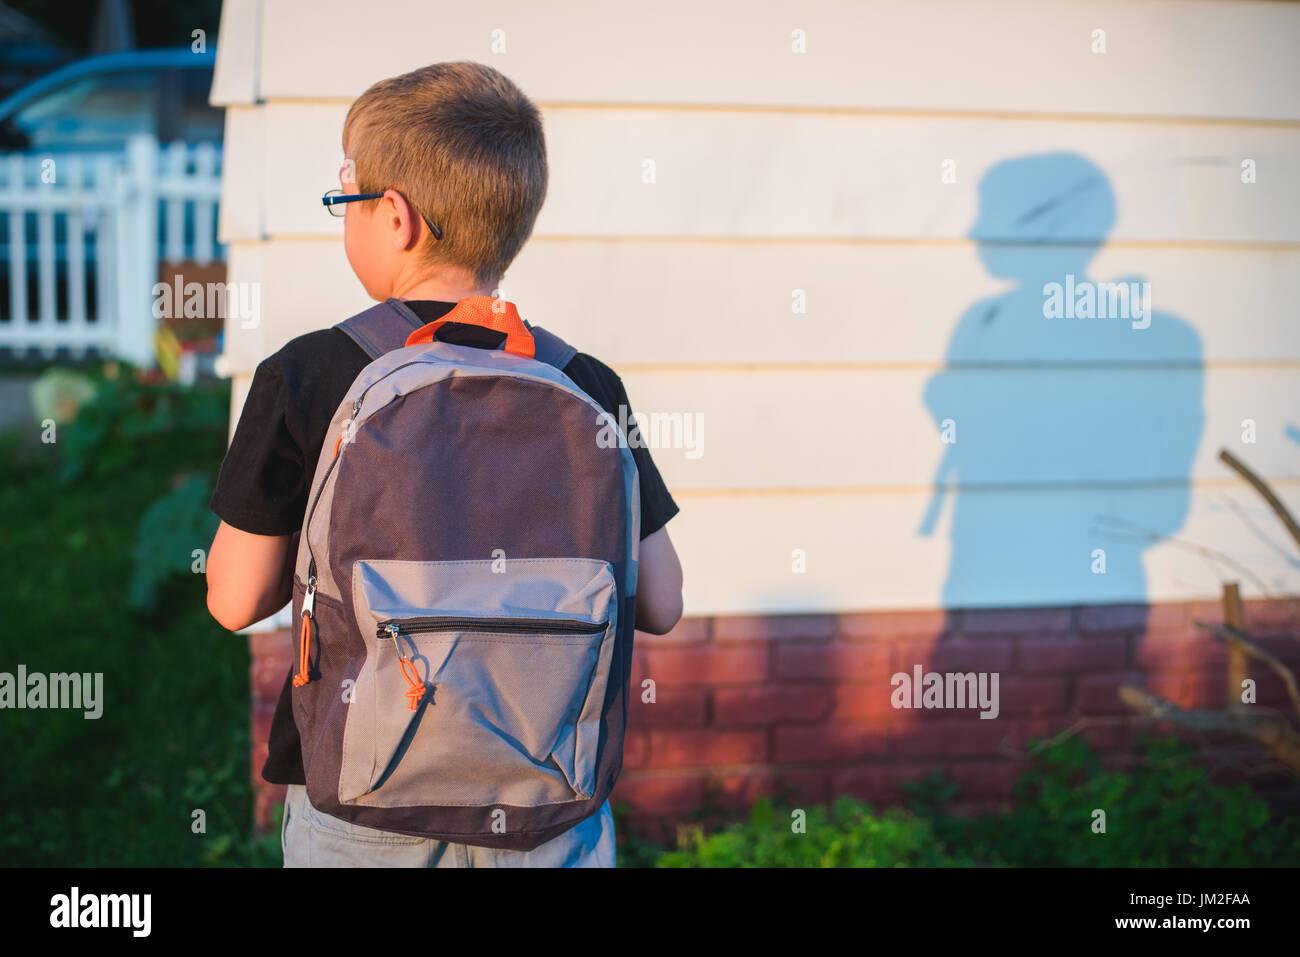 Un estudiante llevar una mochila o bolsa con libros y listo para la escuela. Imagen De Stock